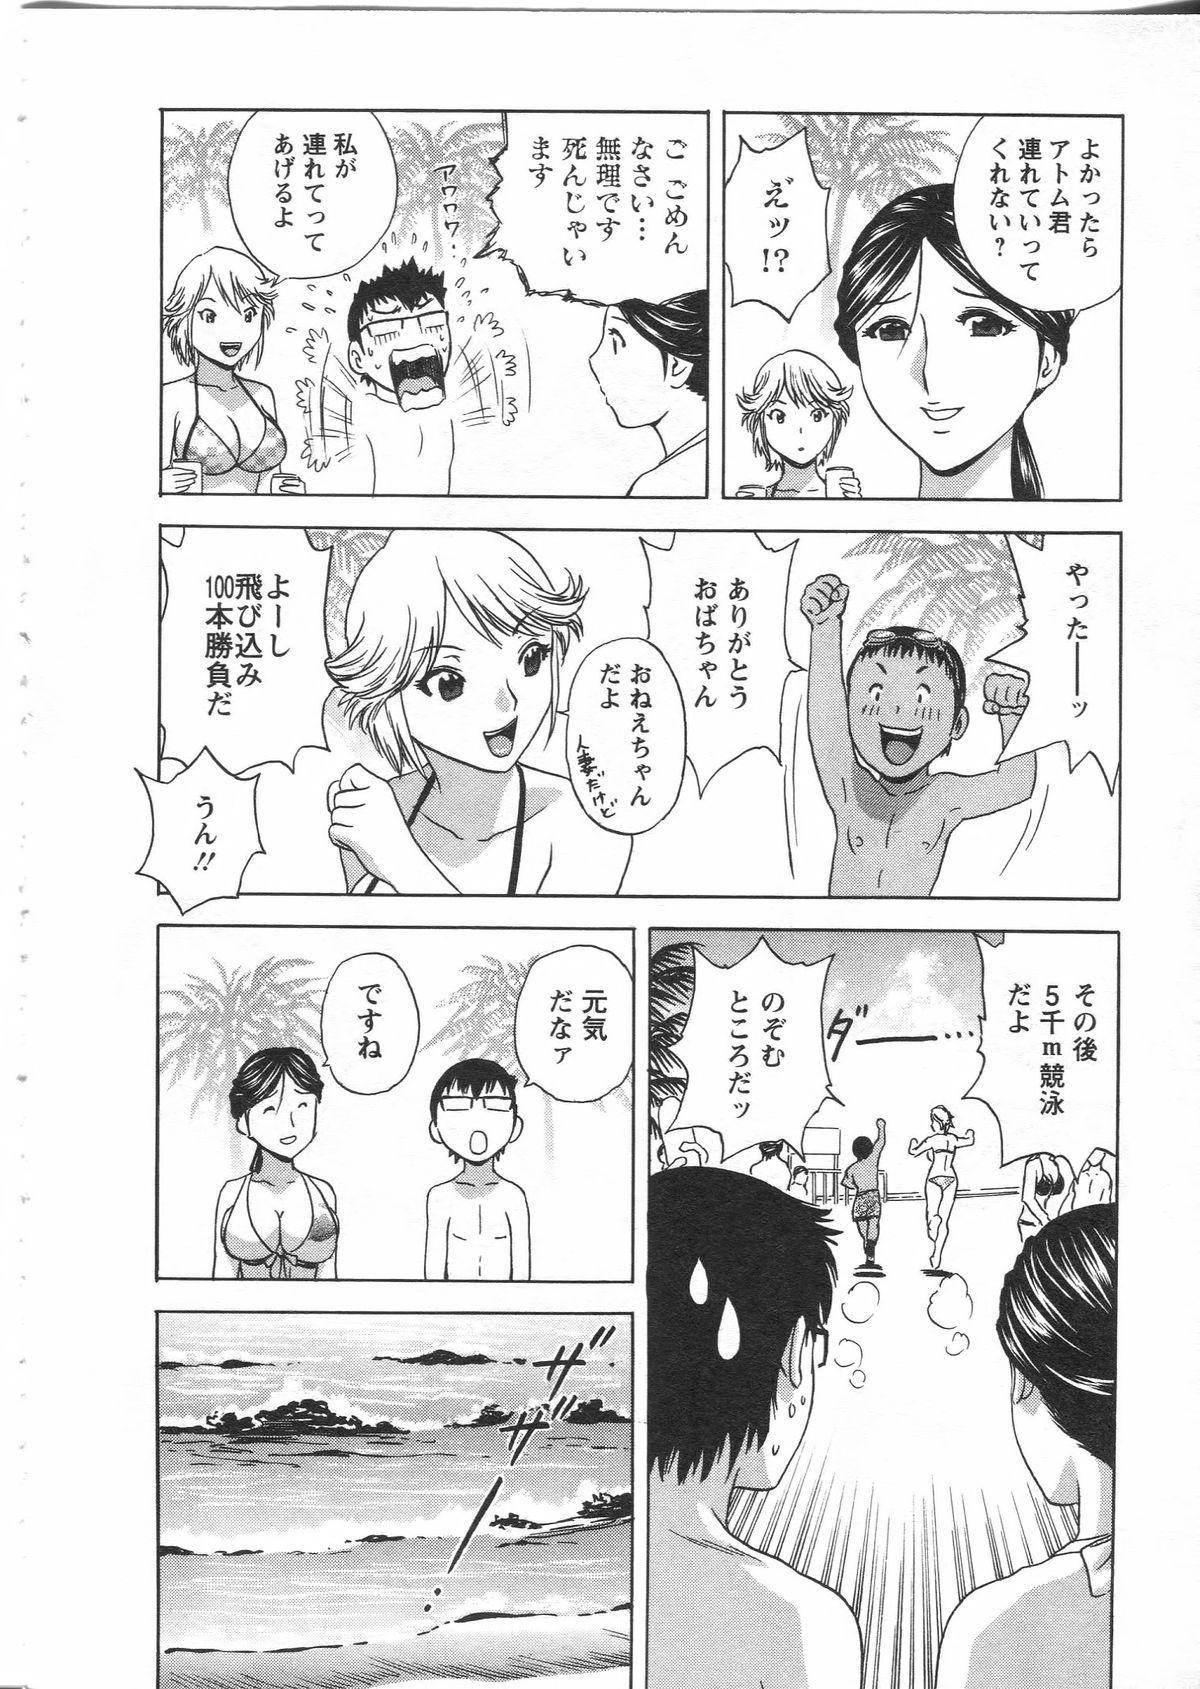 Manga no youna Hitozuma to no Hibi - Days with Married Women such as Comics. 121